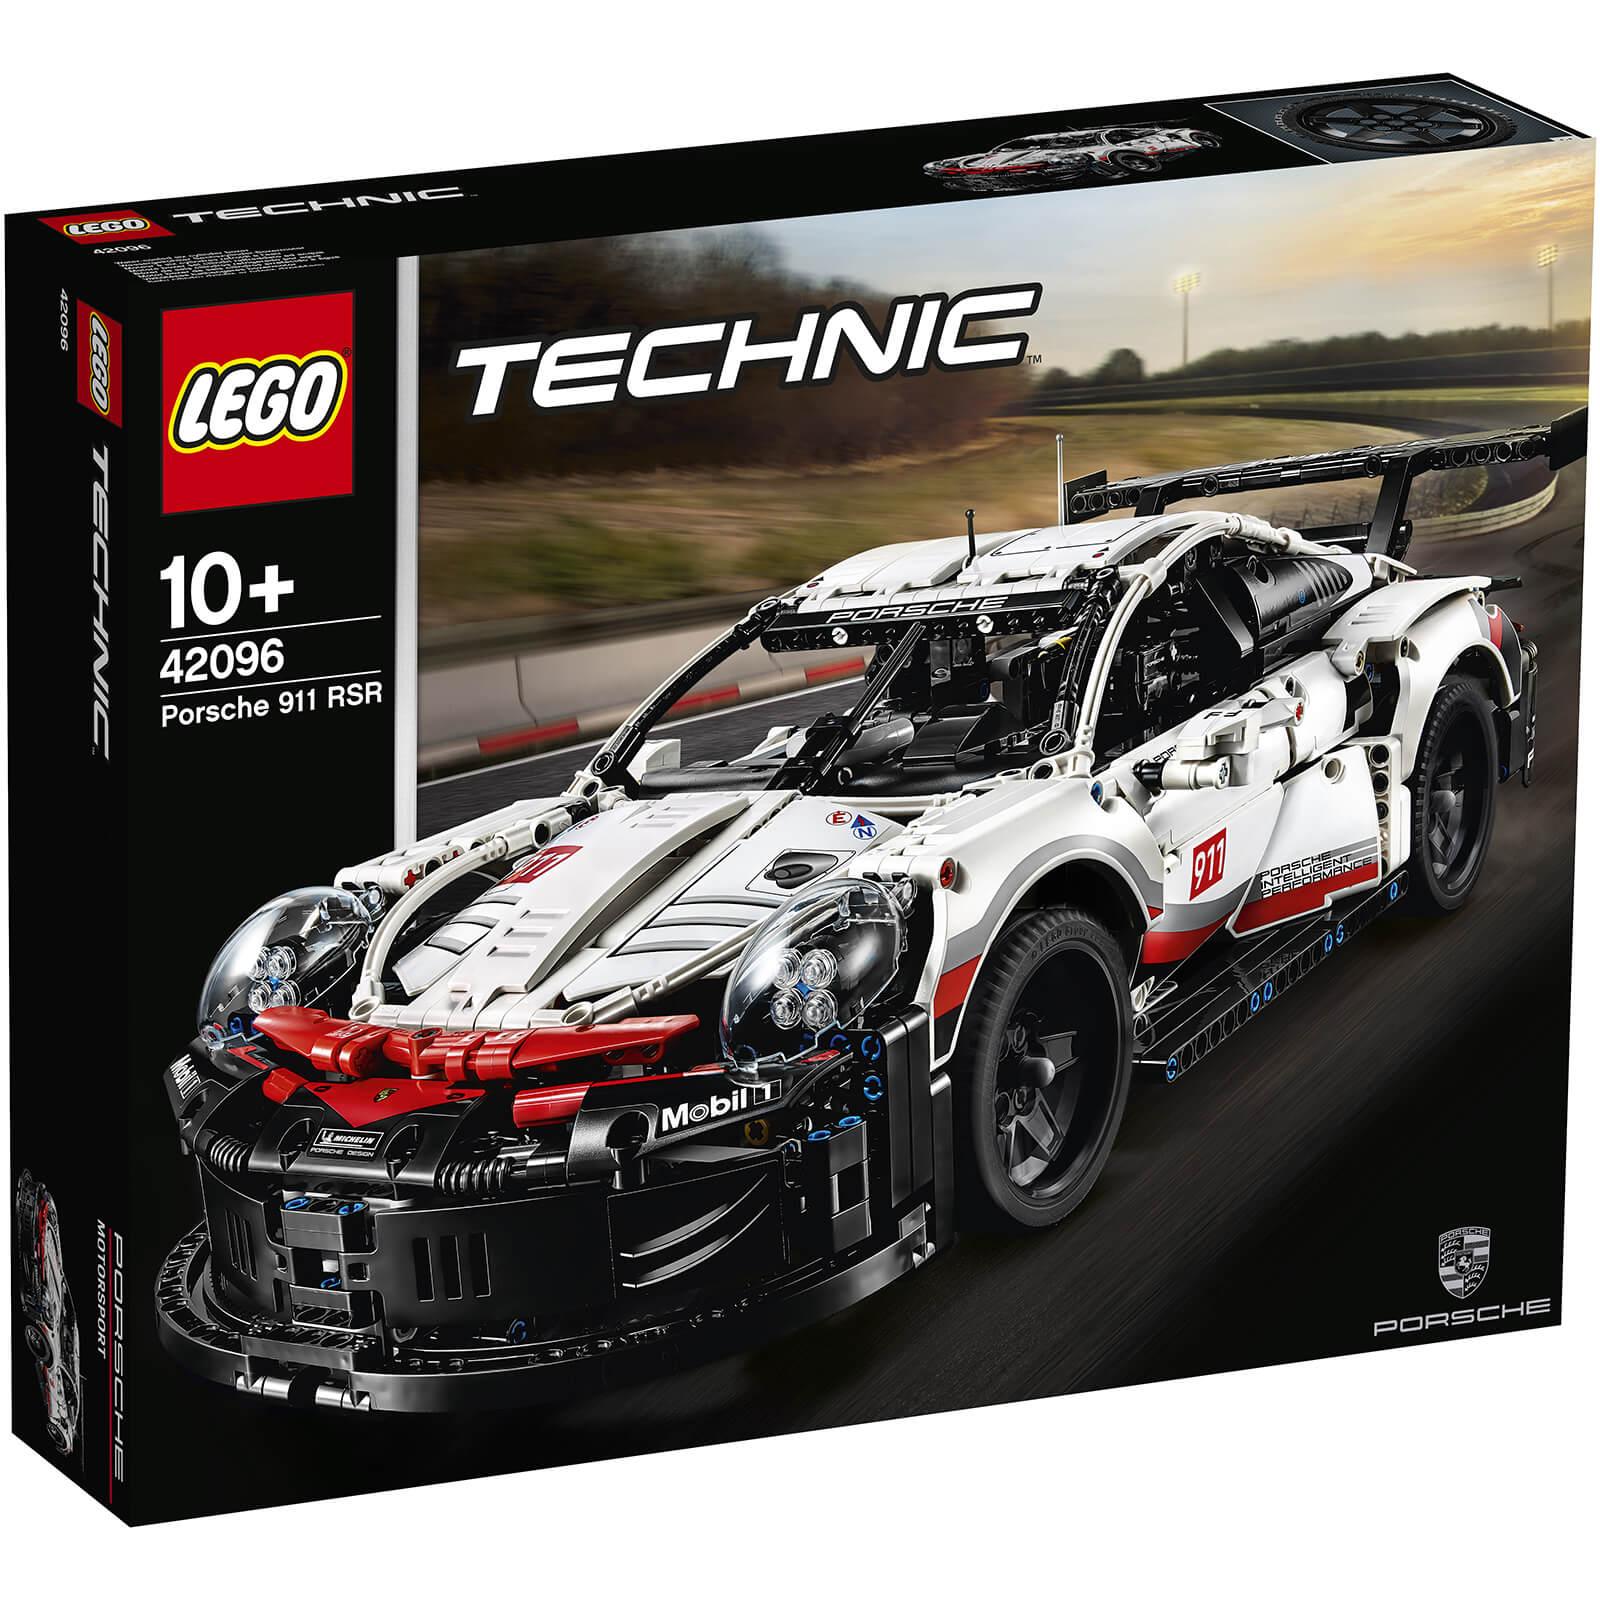 Image of 42096 LEGO® TECHNIC Porsche 911 RSR